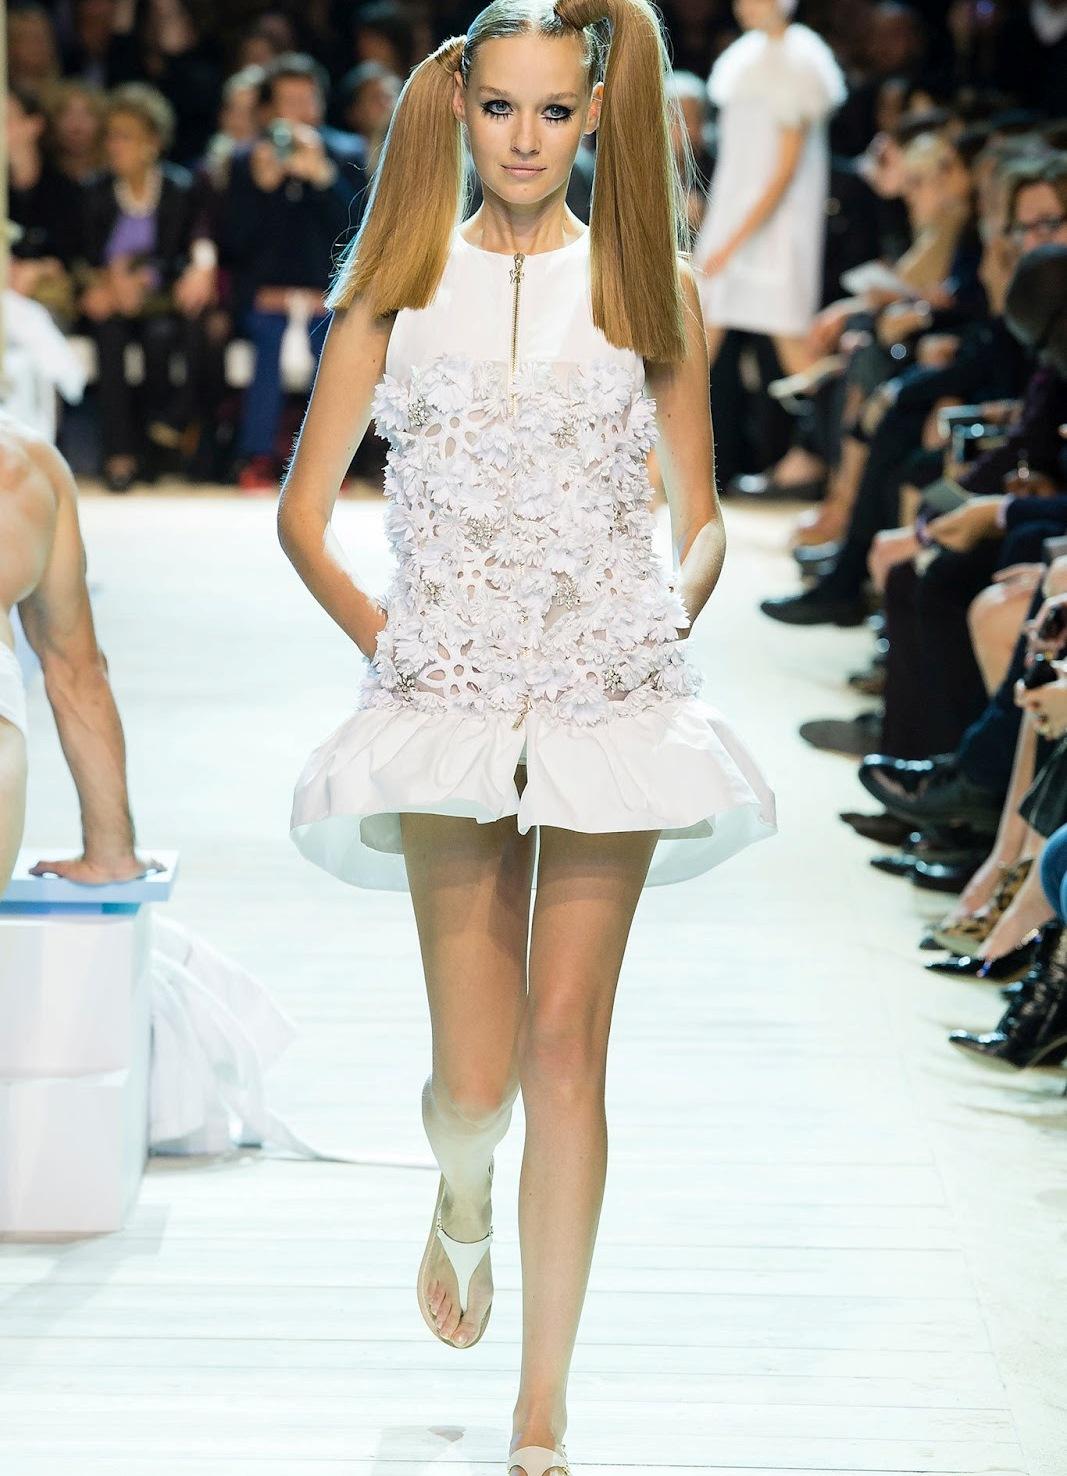 eb793eabff7 ... Итальянские бренды одежды - список 3